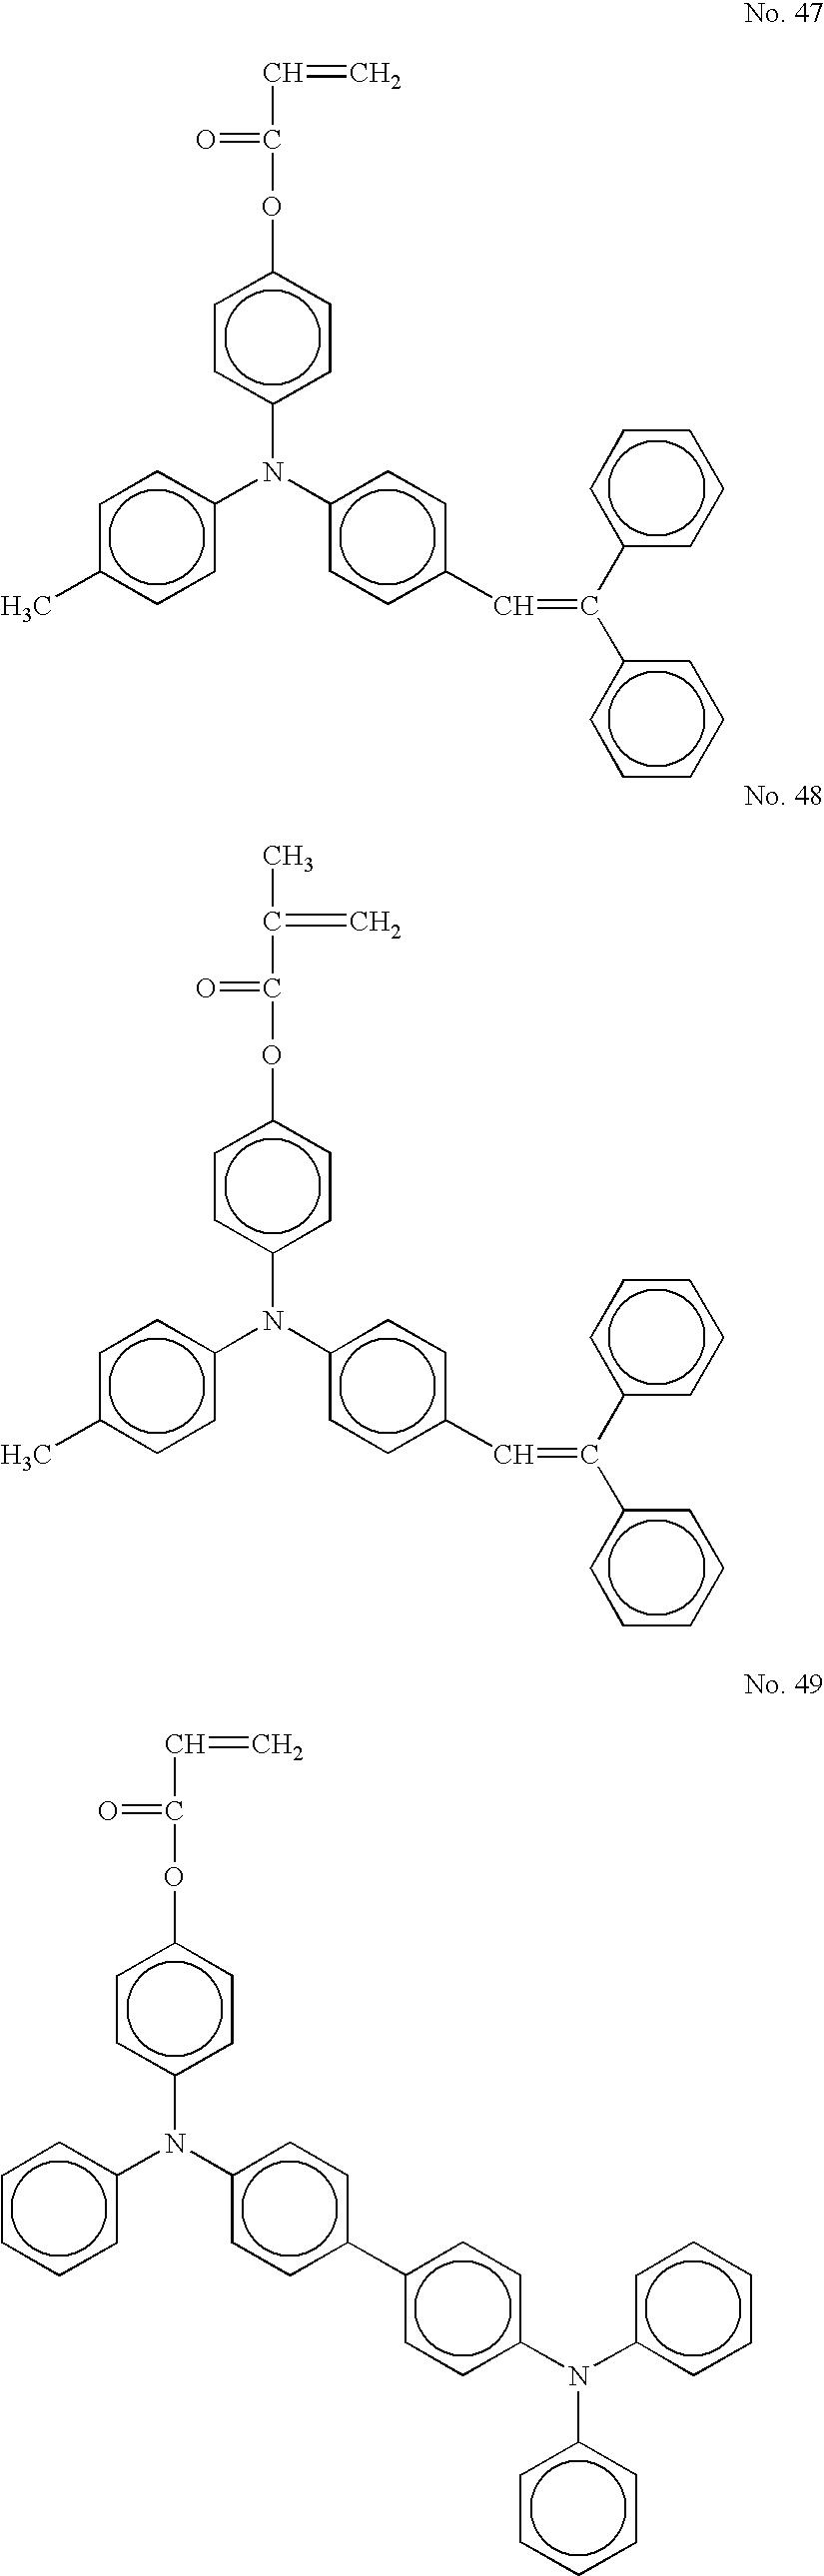 Figure US07390600-20080624-C00018